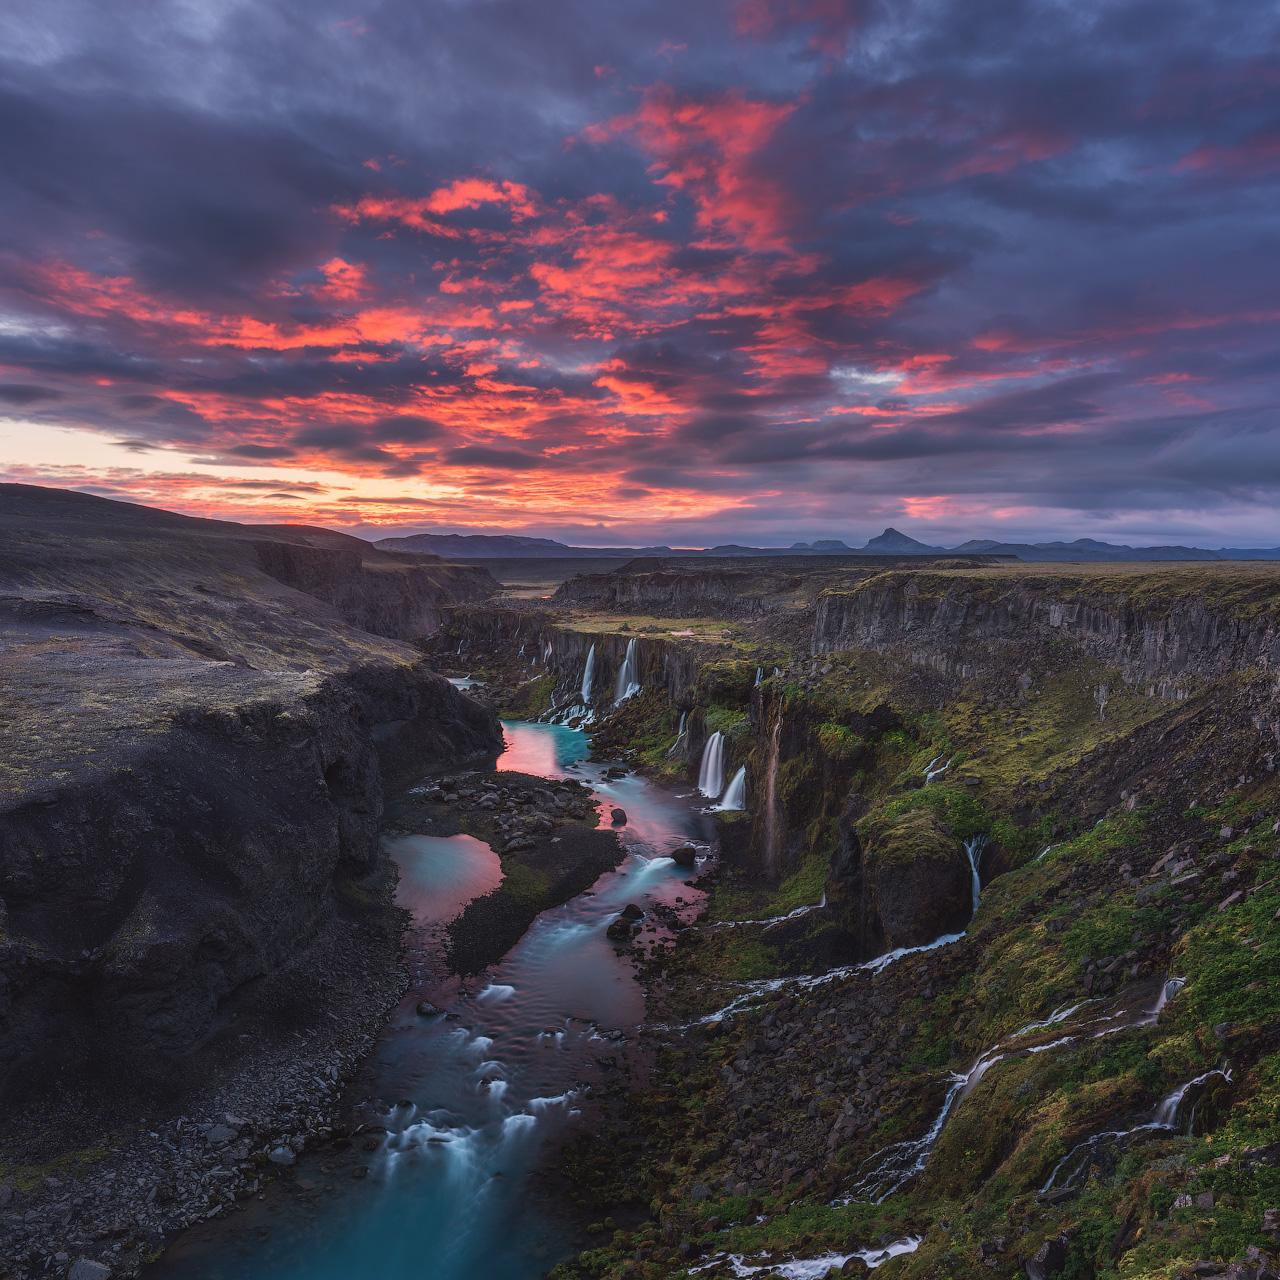 หุบเขาของน้ำตกที่น่าตื่นตาในประเทศไอซ์แลนด์.